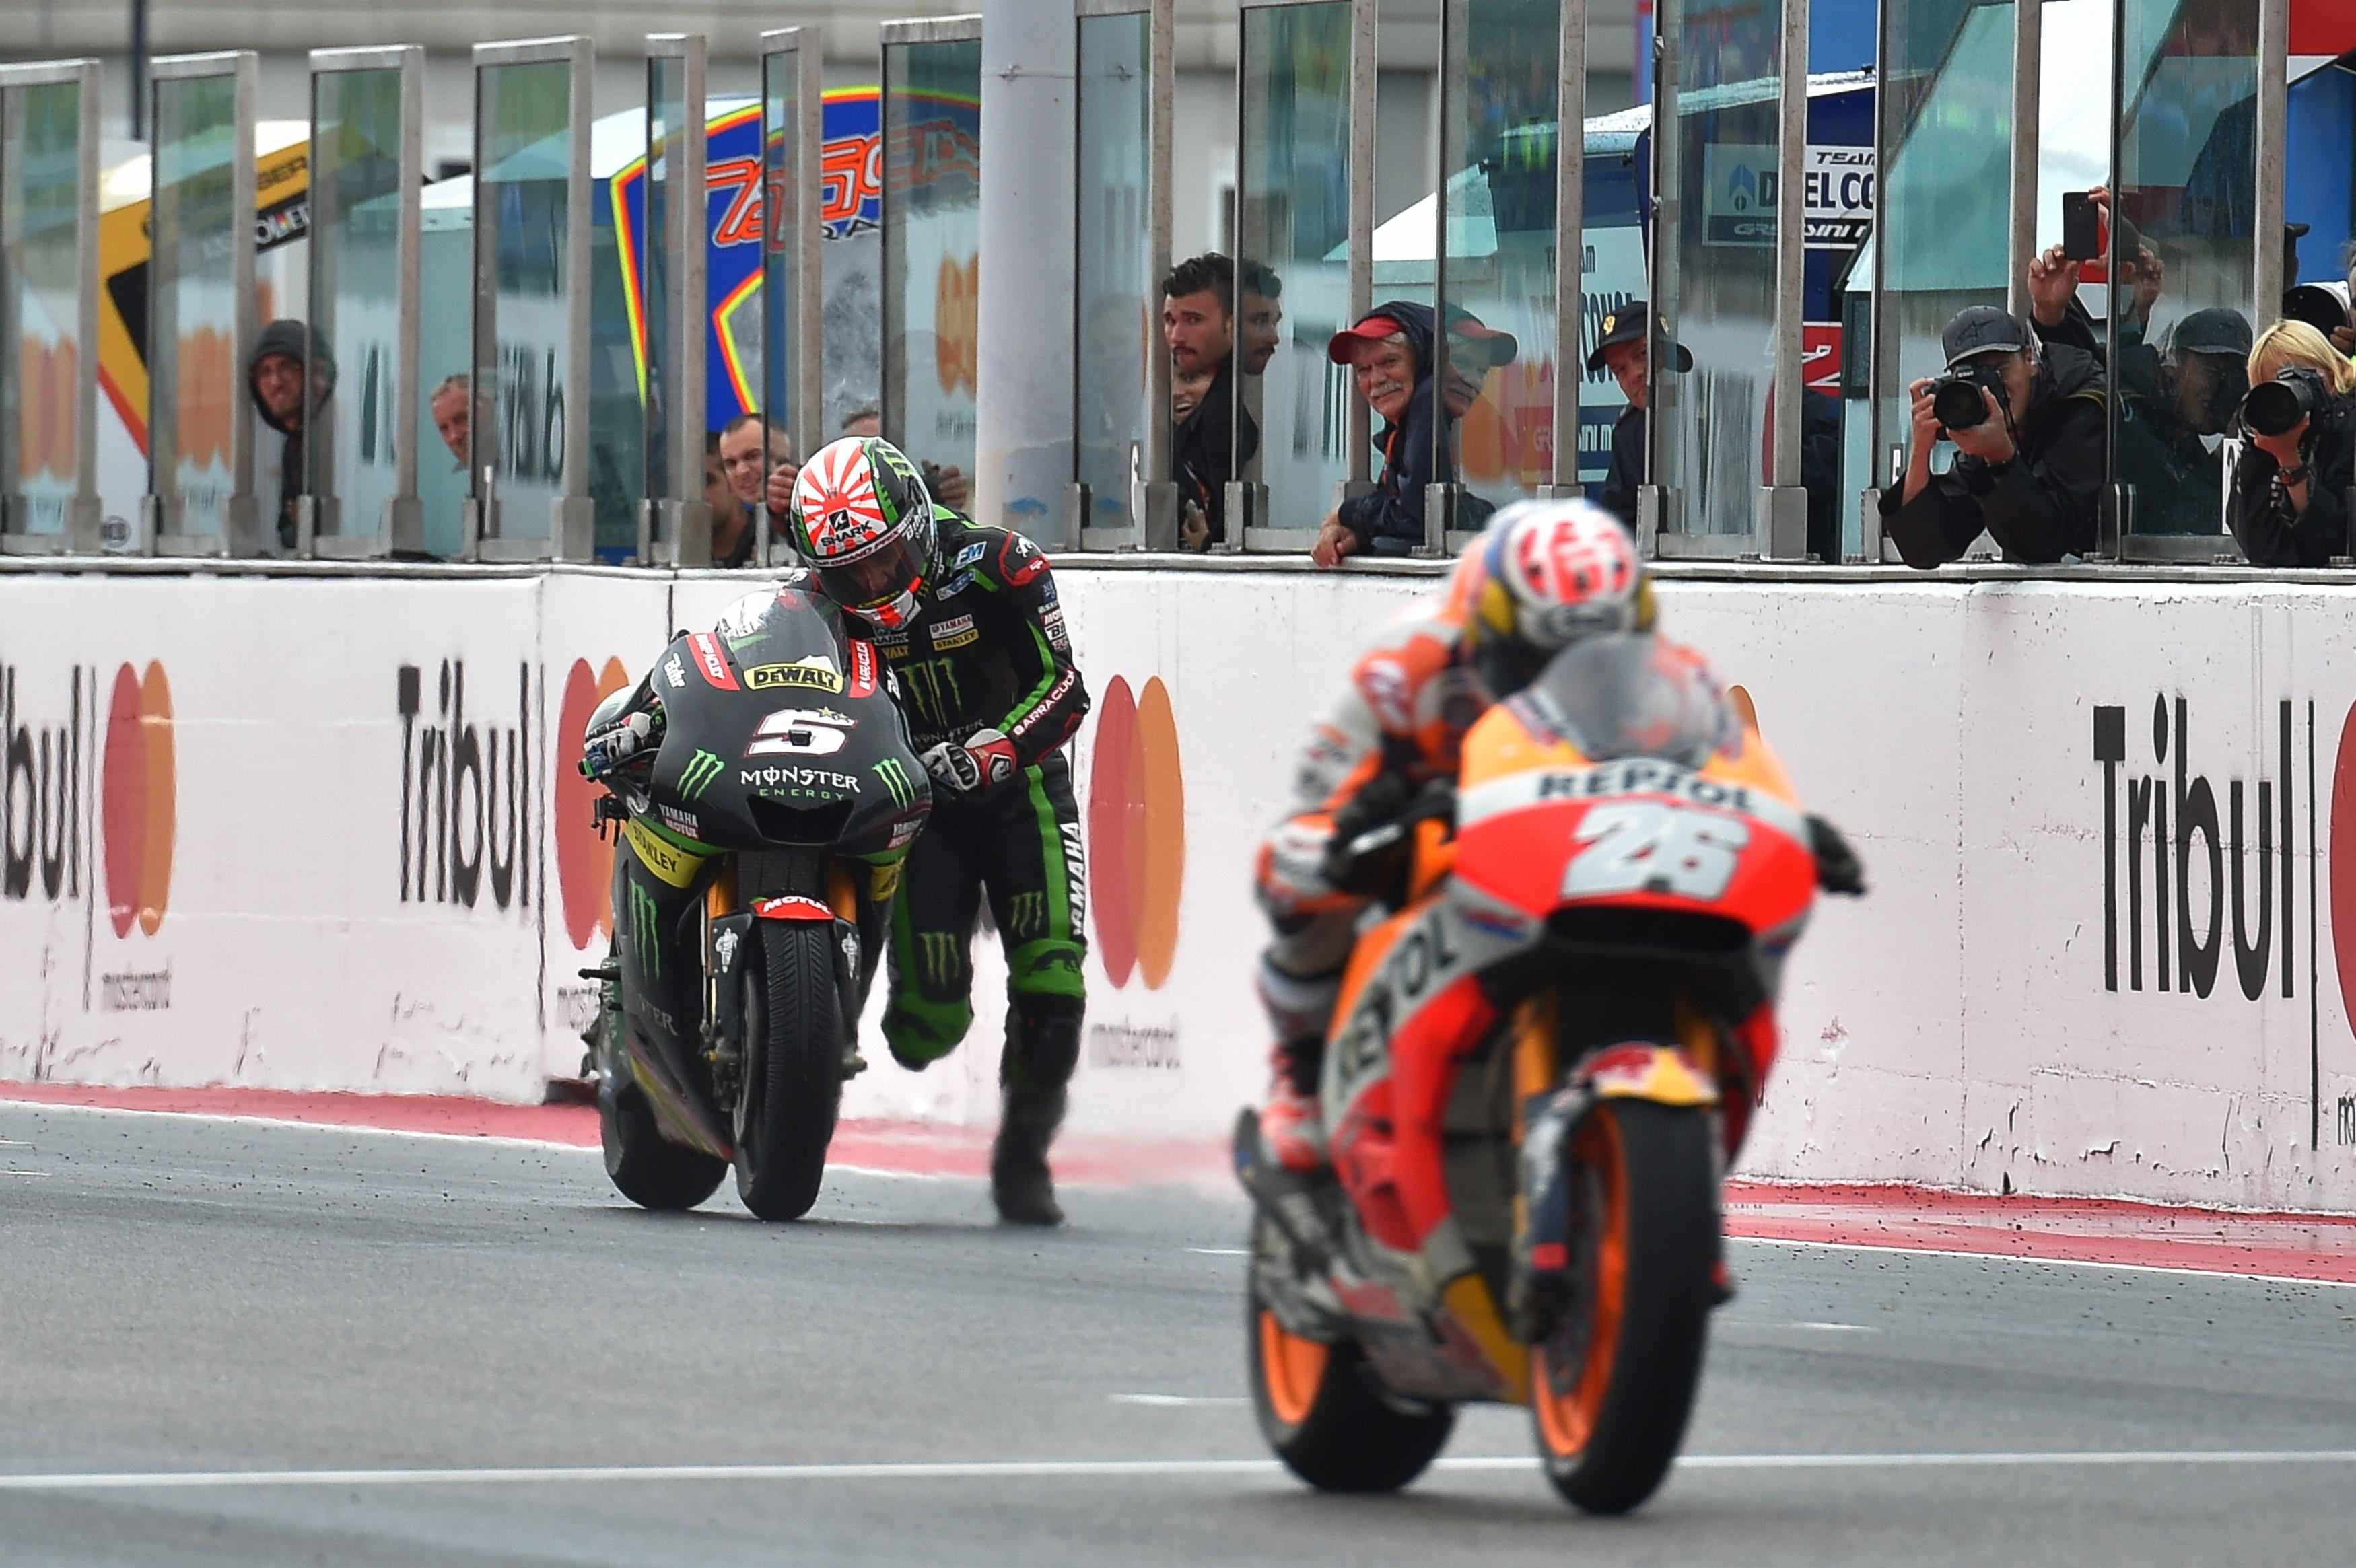 Több mint 4 milliárdot fizetünk, hogy legyen Magyarországon MotoGP-futam